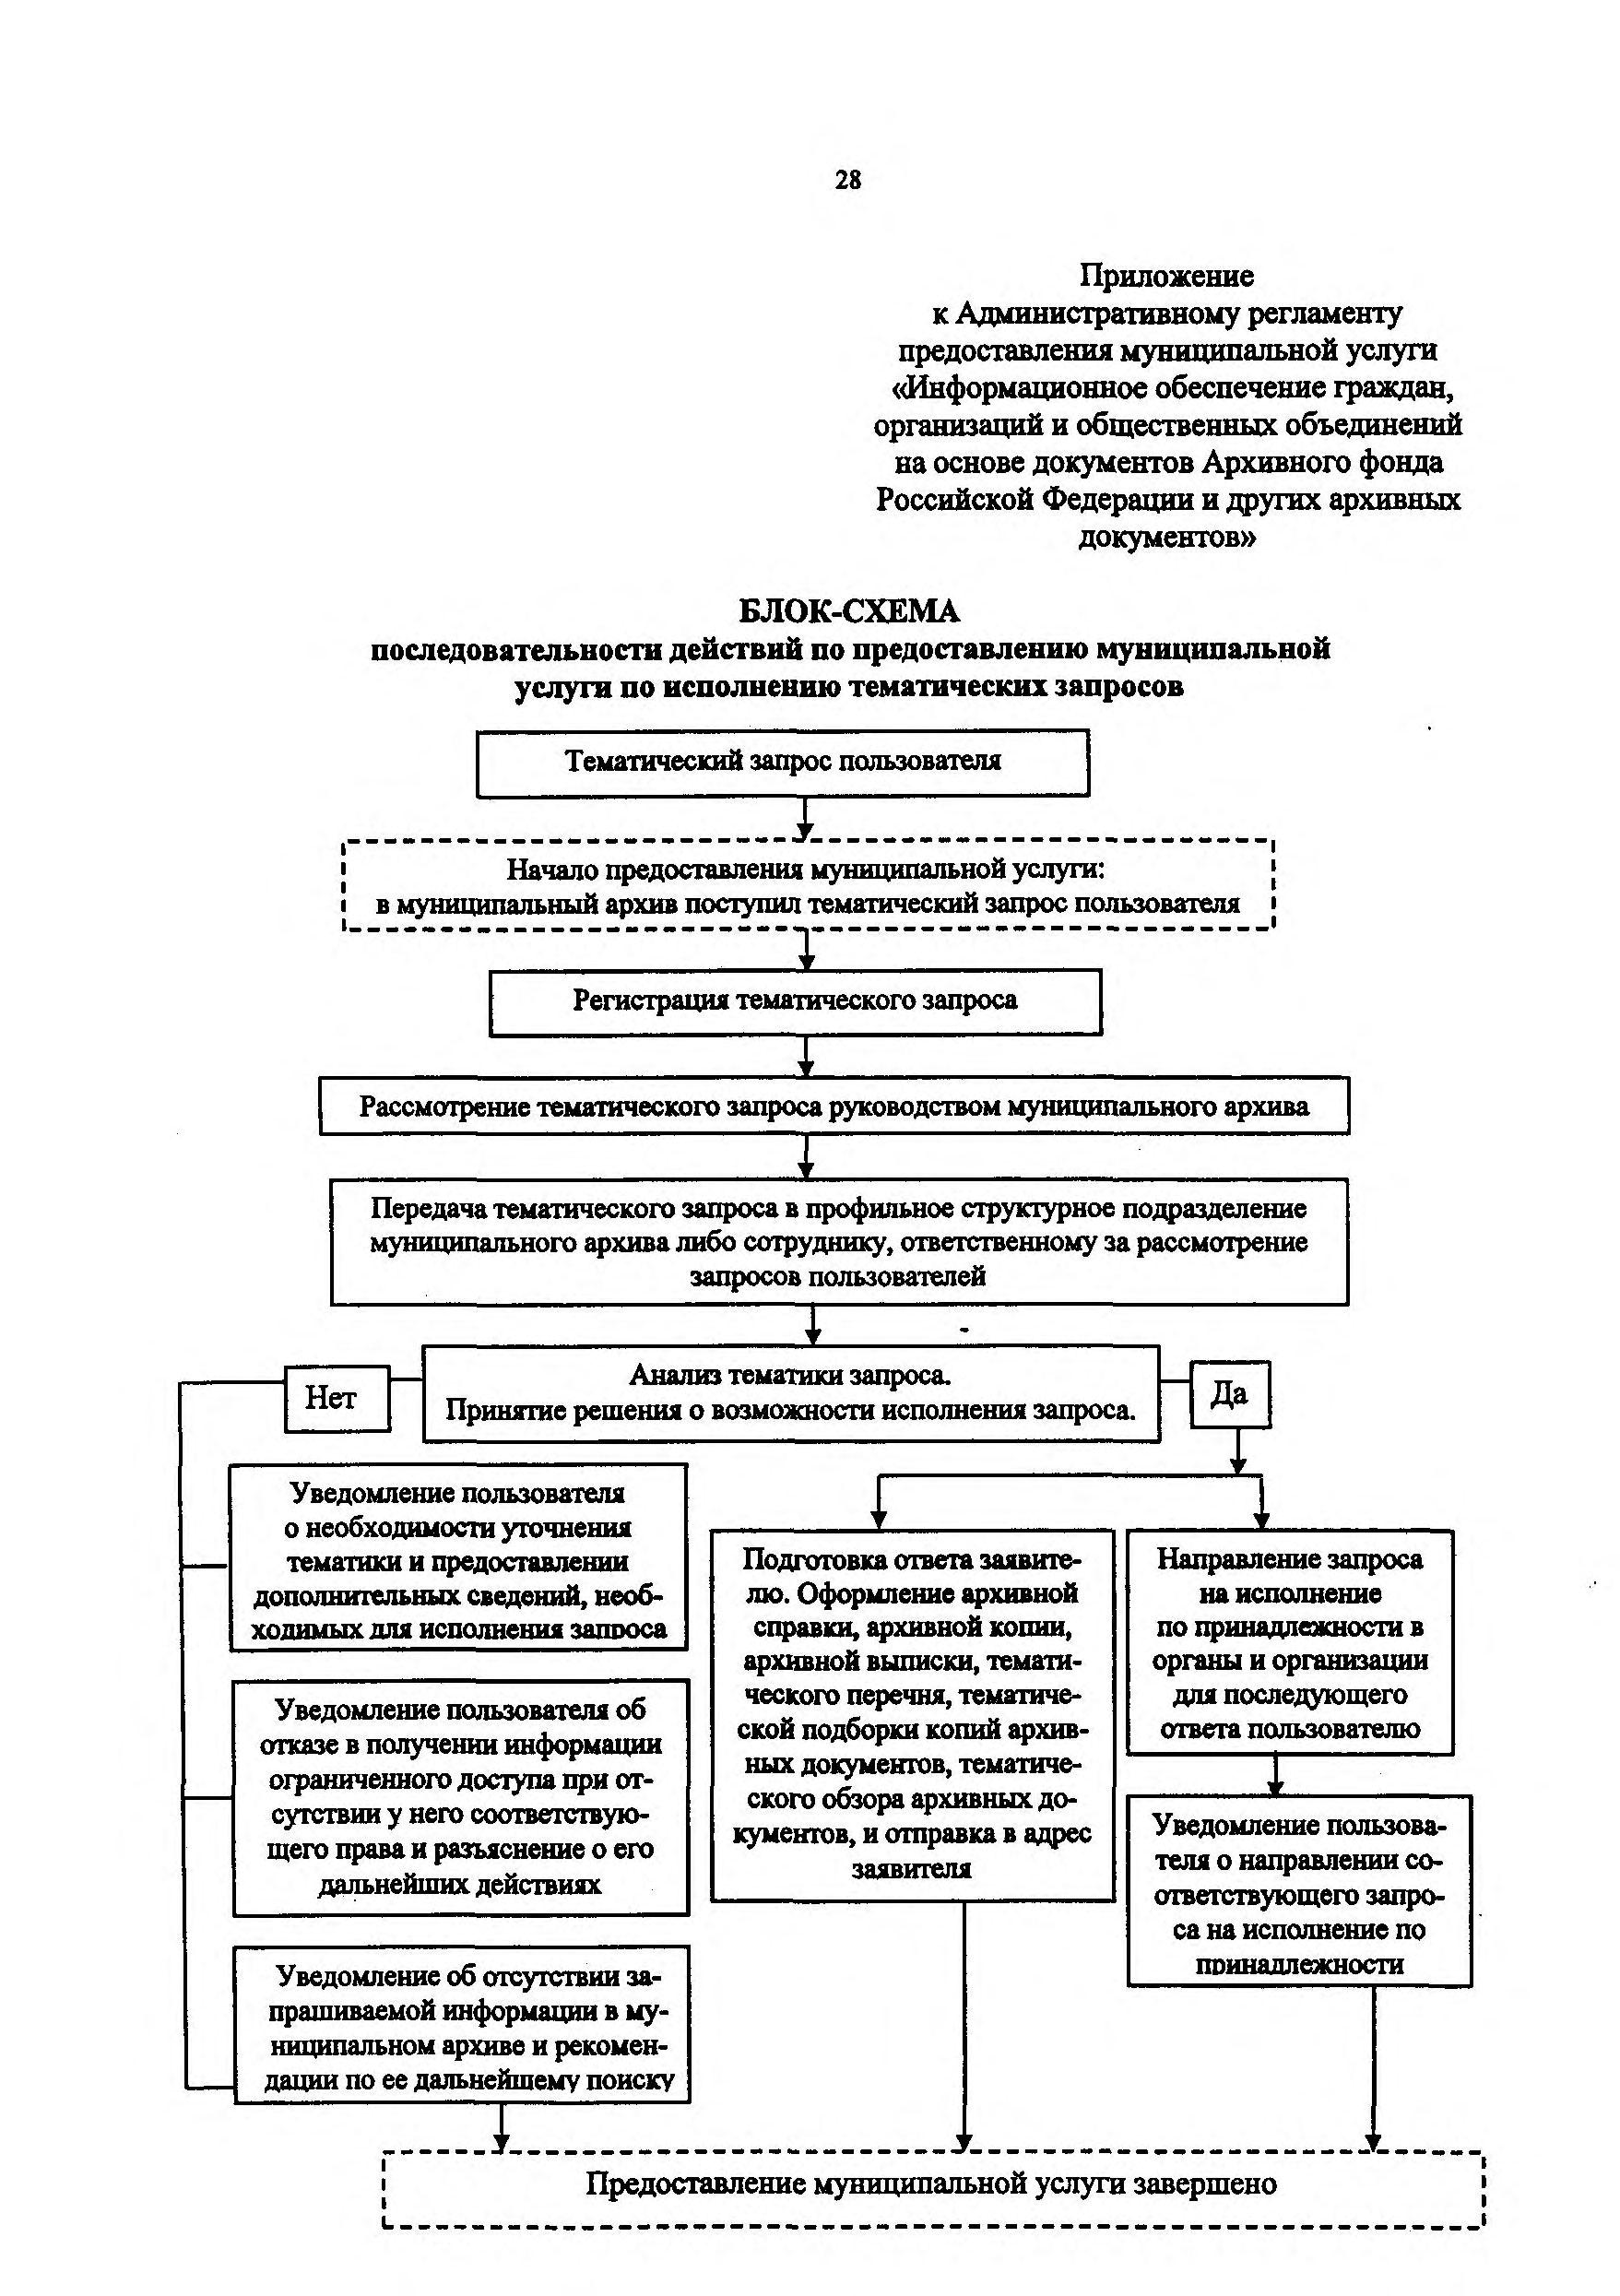 Вид на жительство в России - 2017